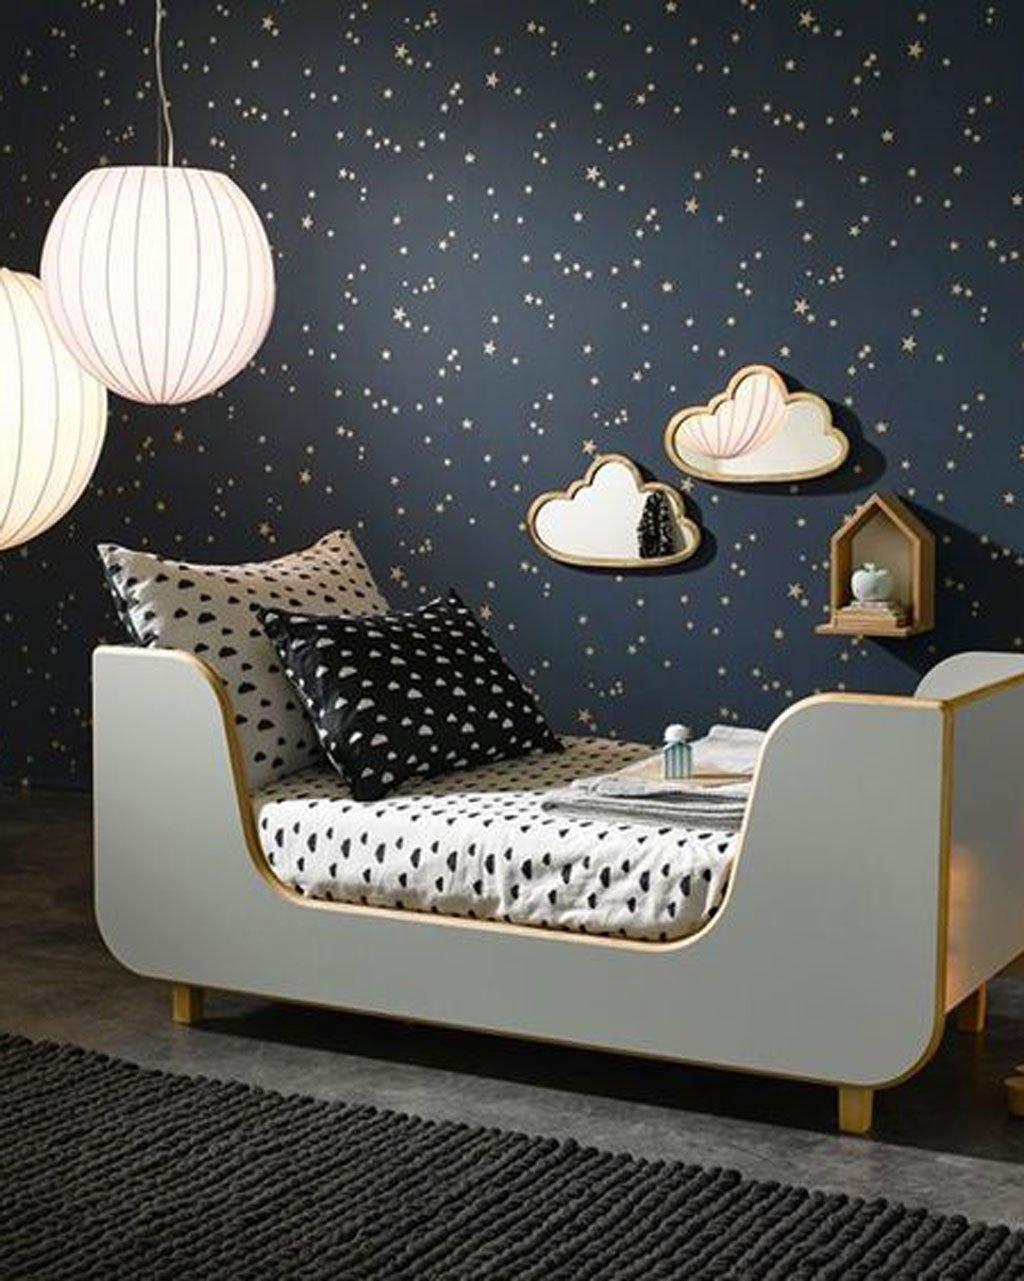 star themed bedroom